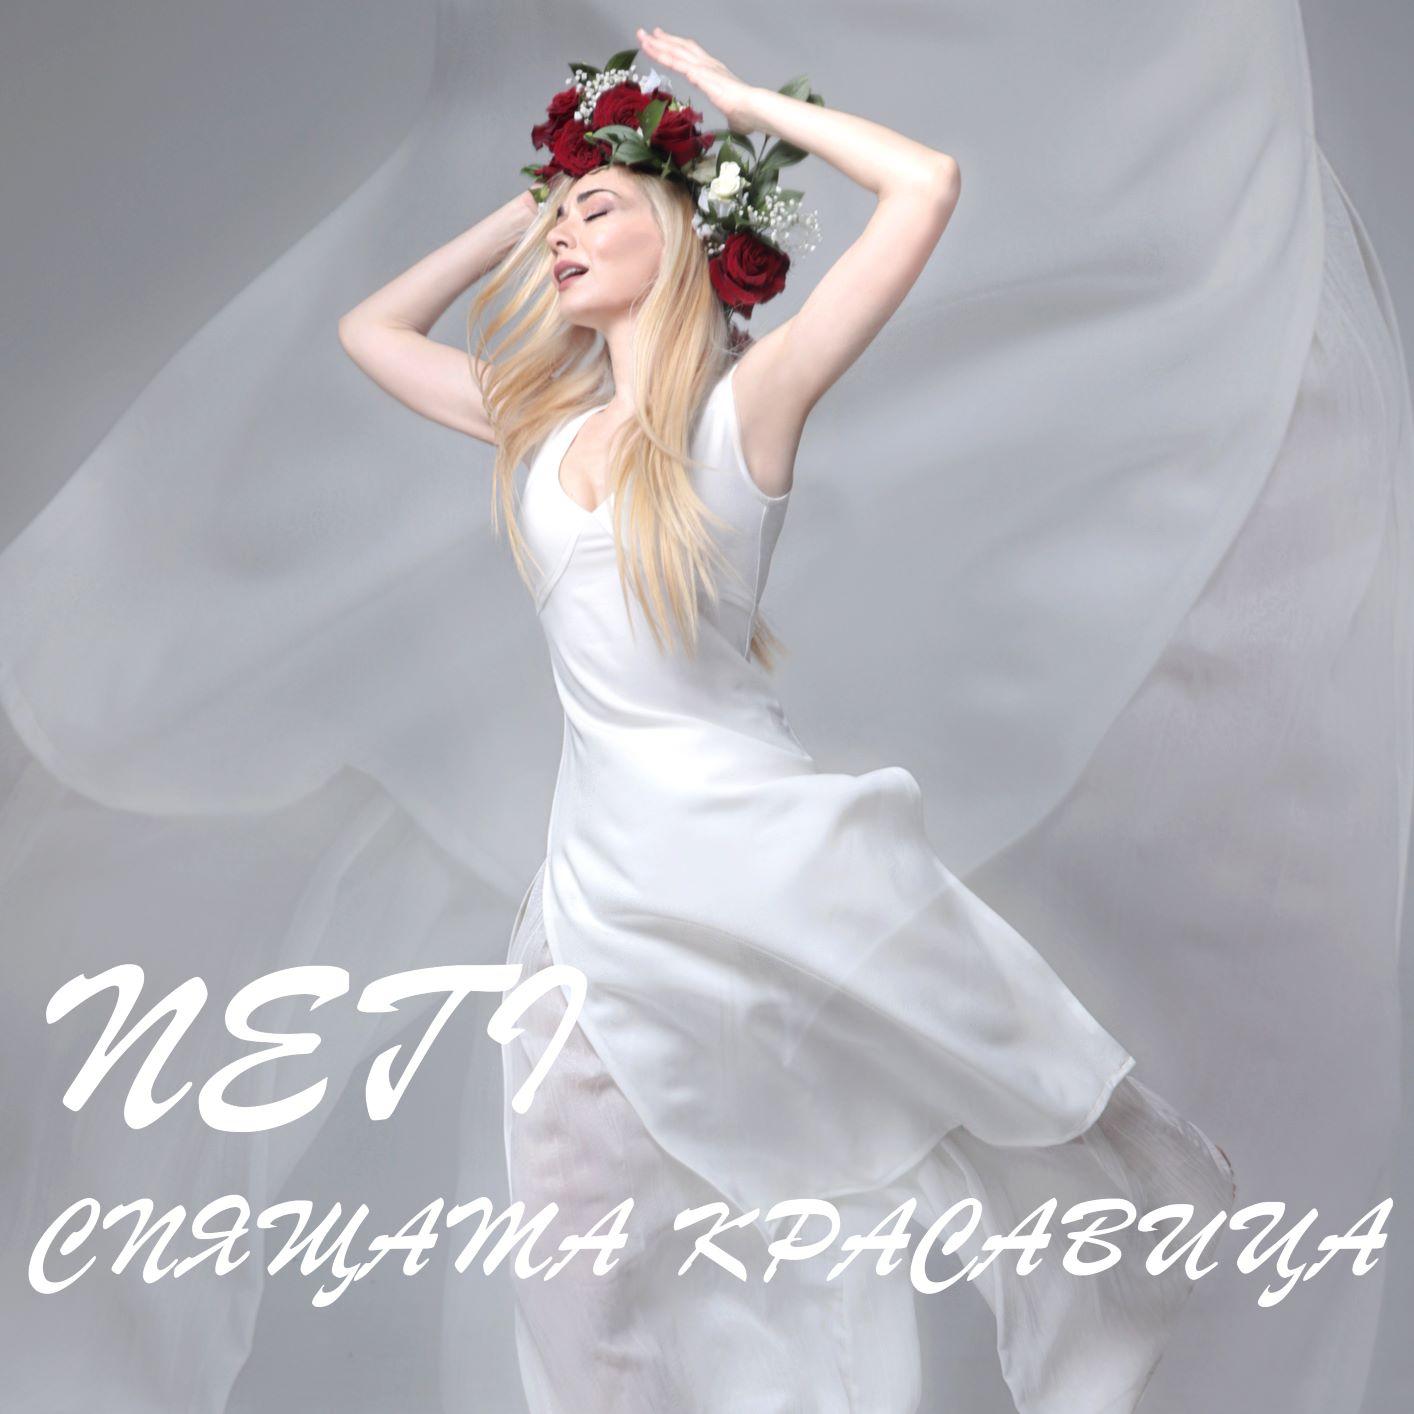 Нети - Спящата красавица cover